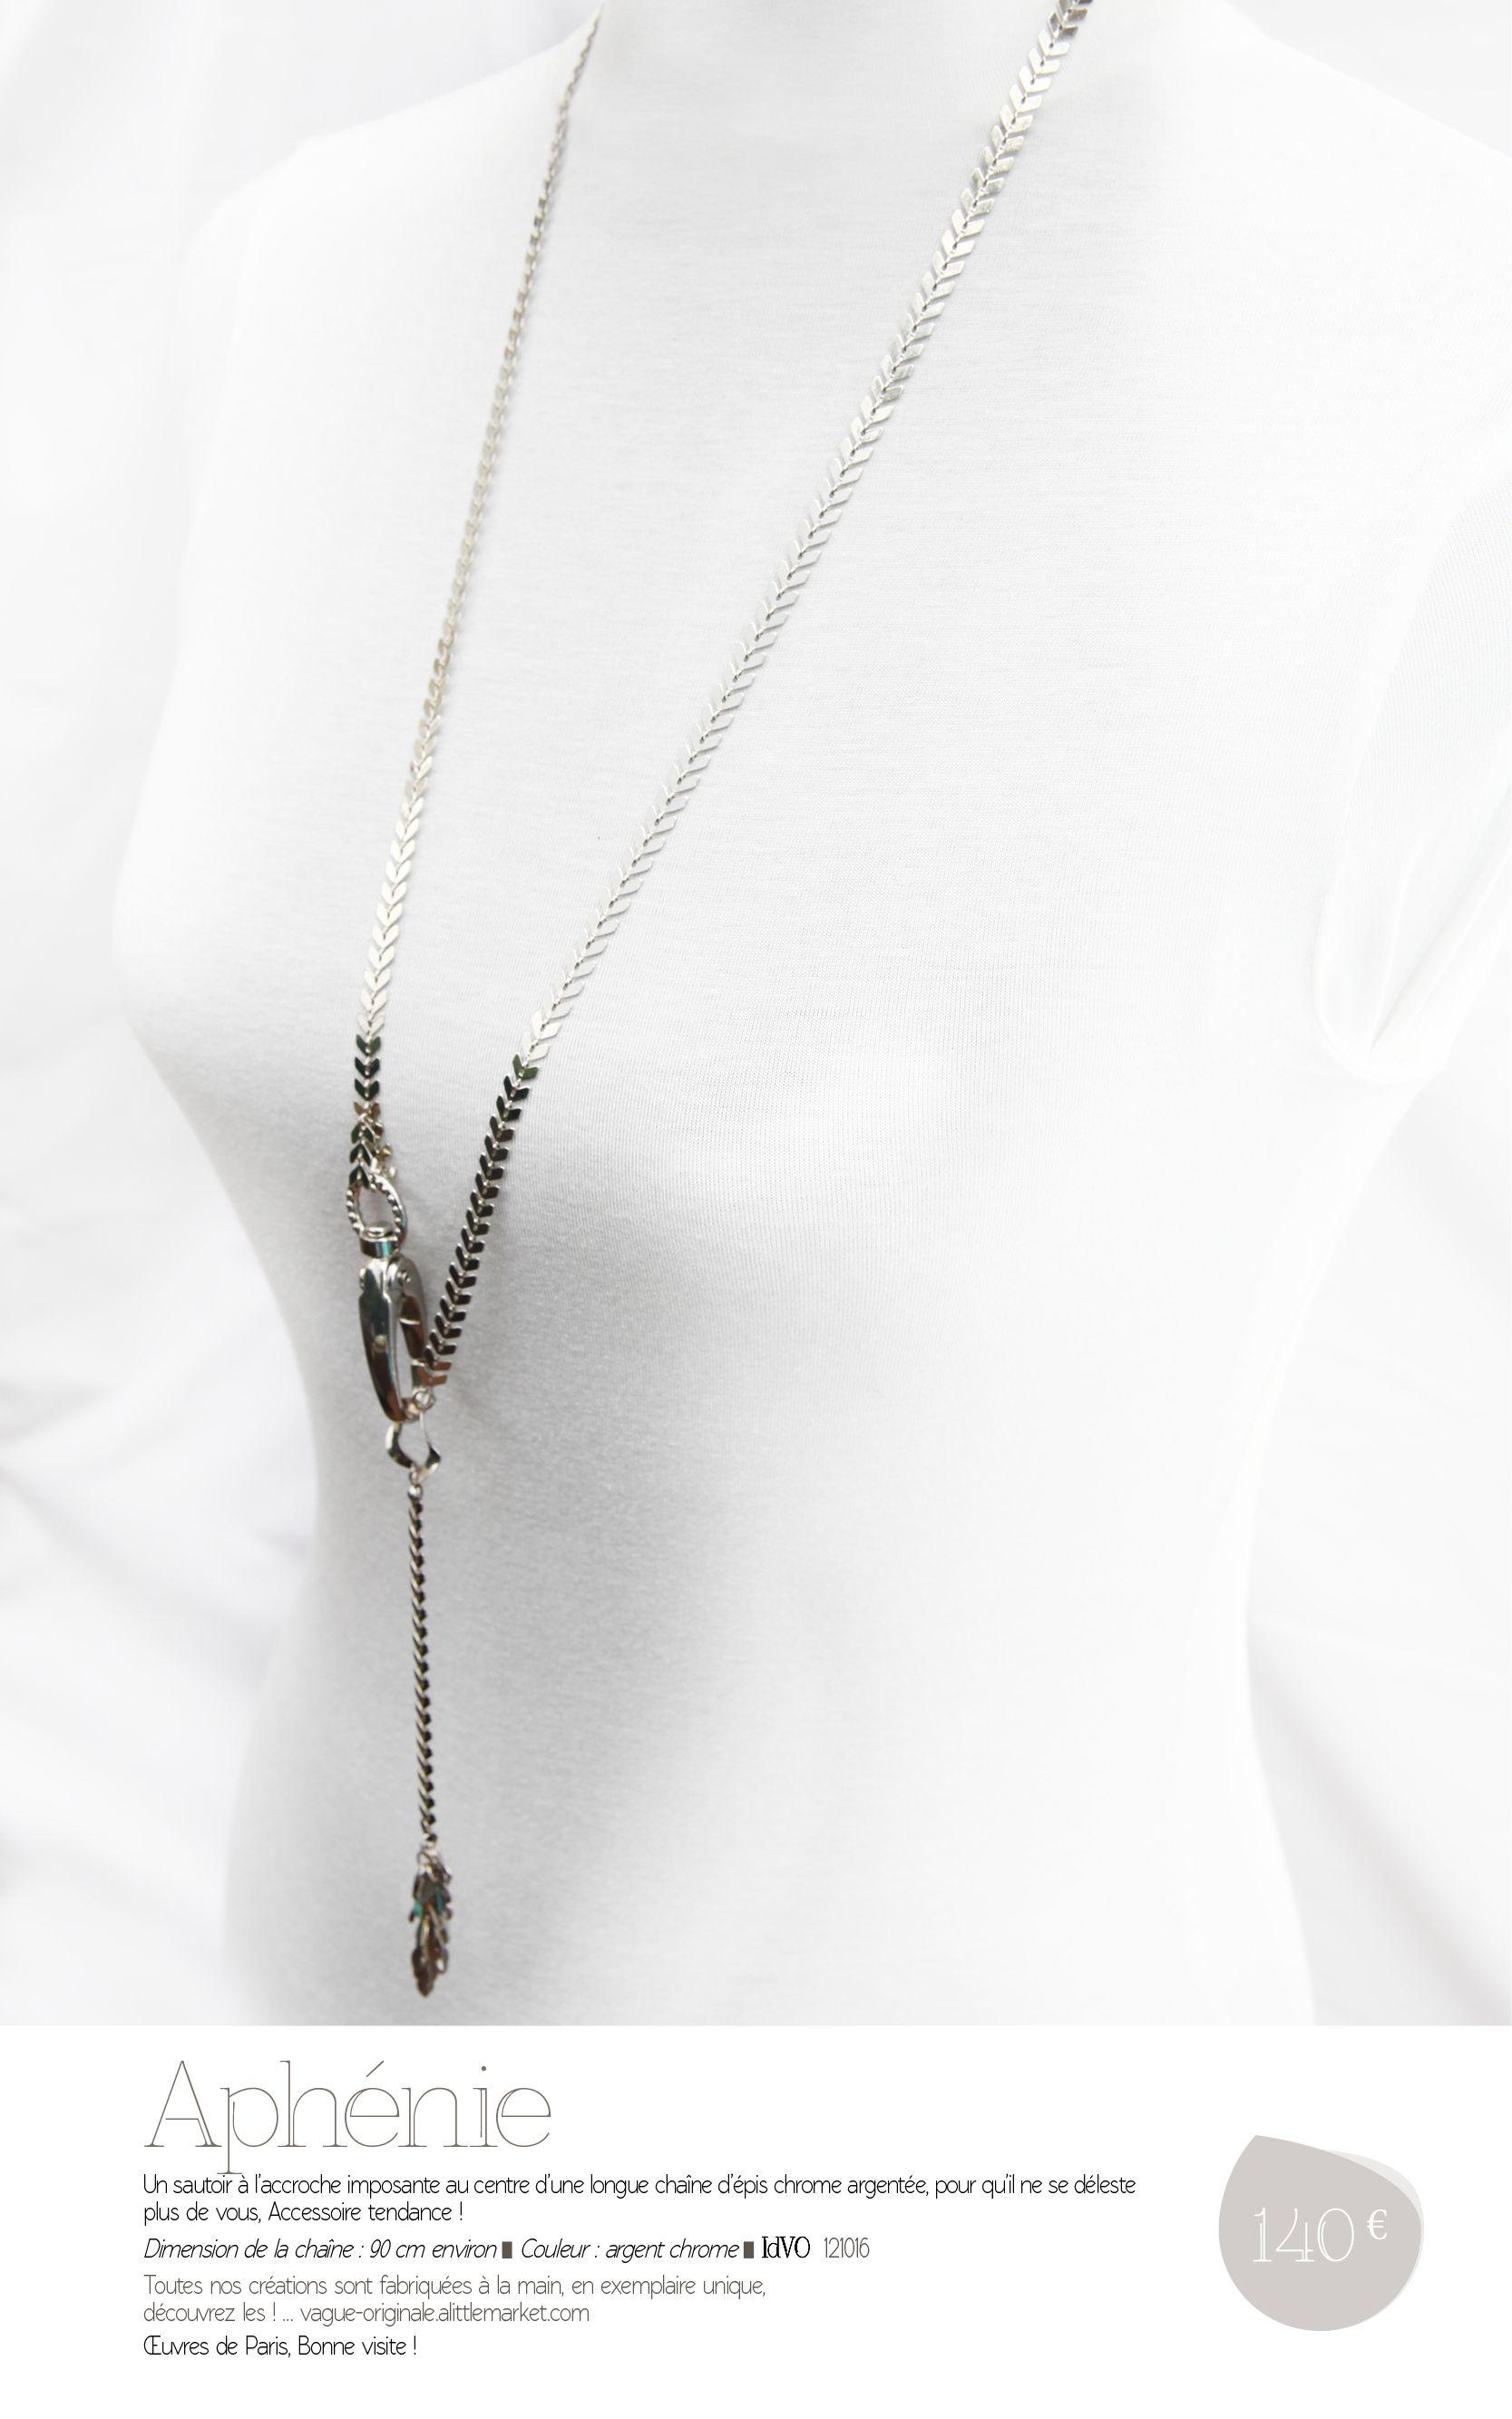 APHÉNIE, Sautoir Dimension de la chaîne : 90 cm environ ▀  Couleur : argent chrome ▀  IdVO  121016. Œuvres de Paris !